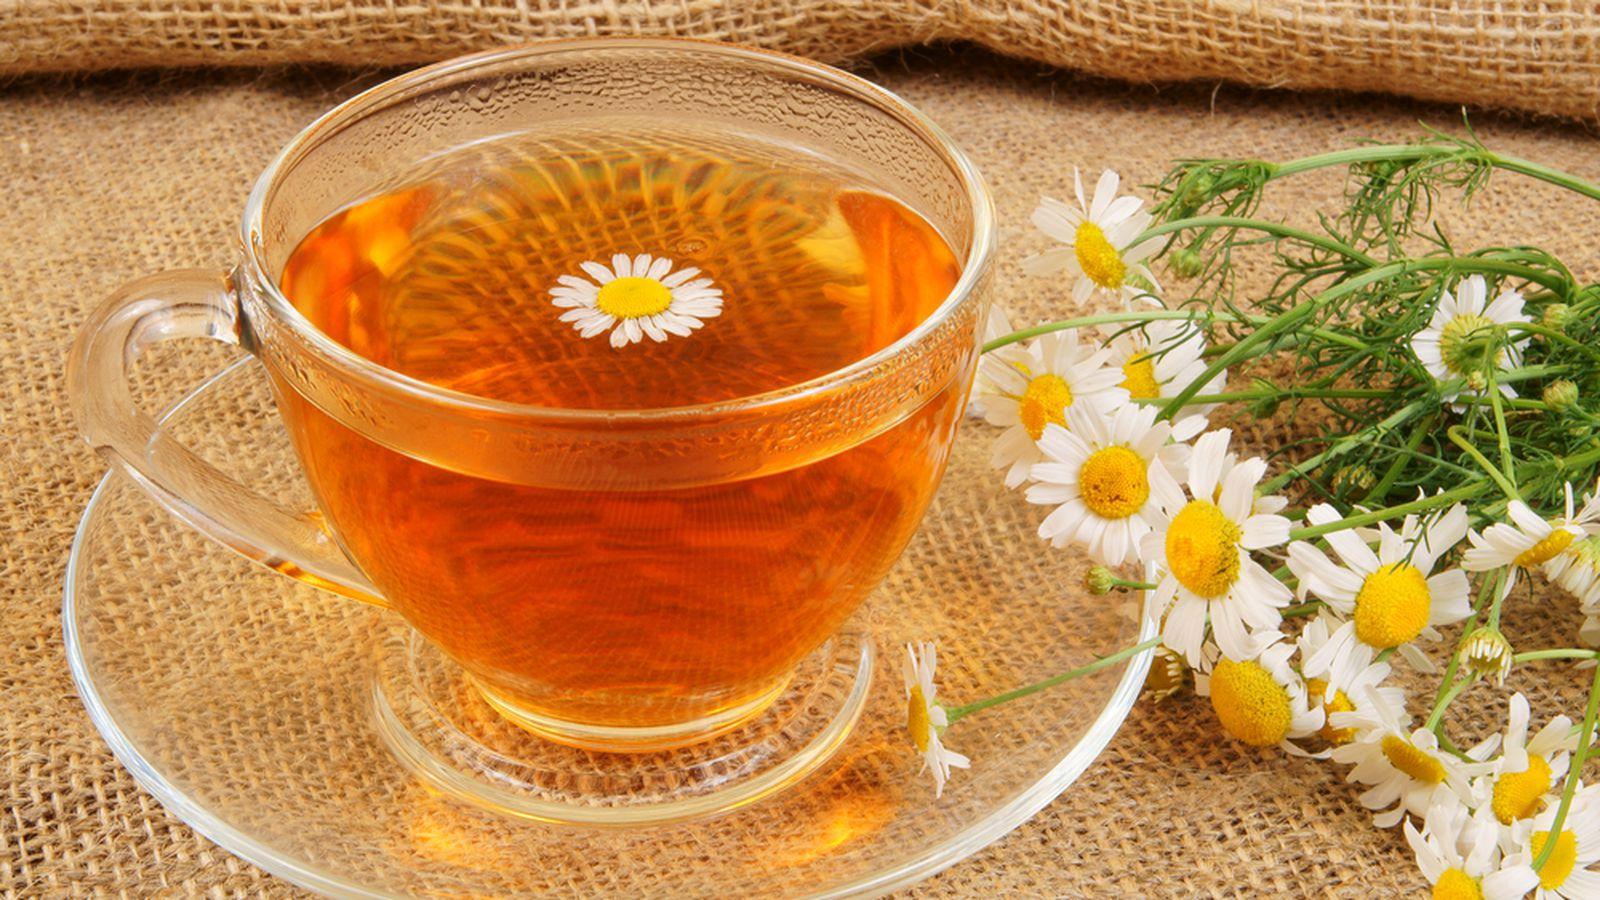 Ромашка аптечная (лекарственная трава) - полезные свойства 82